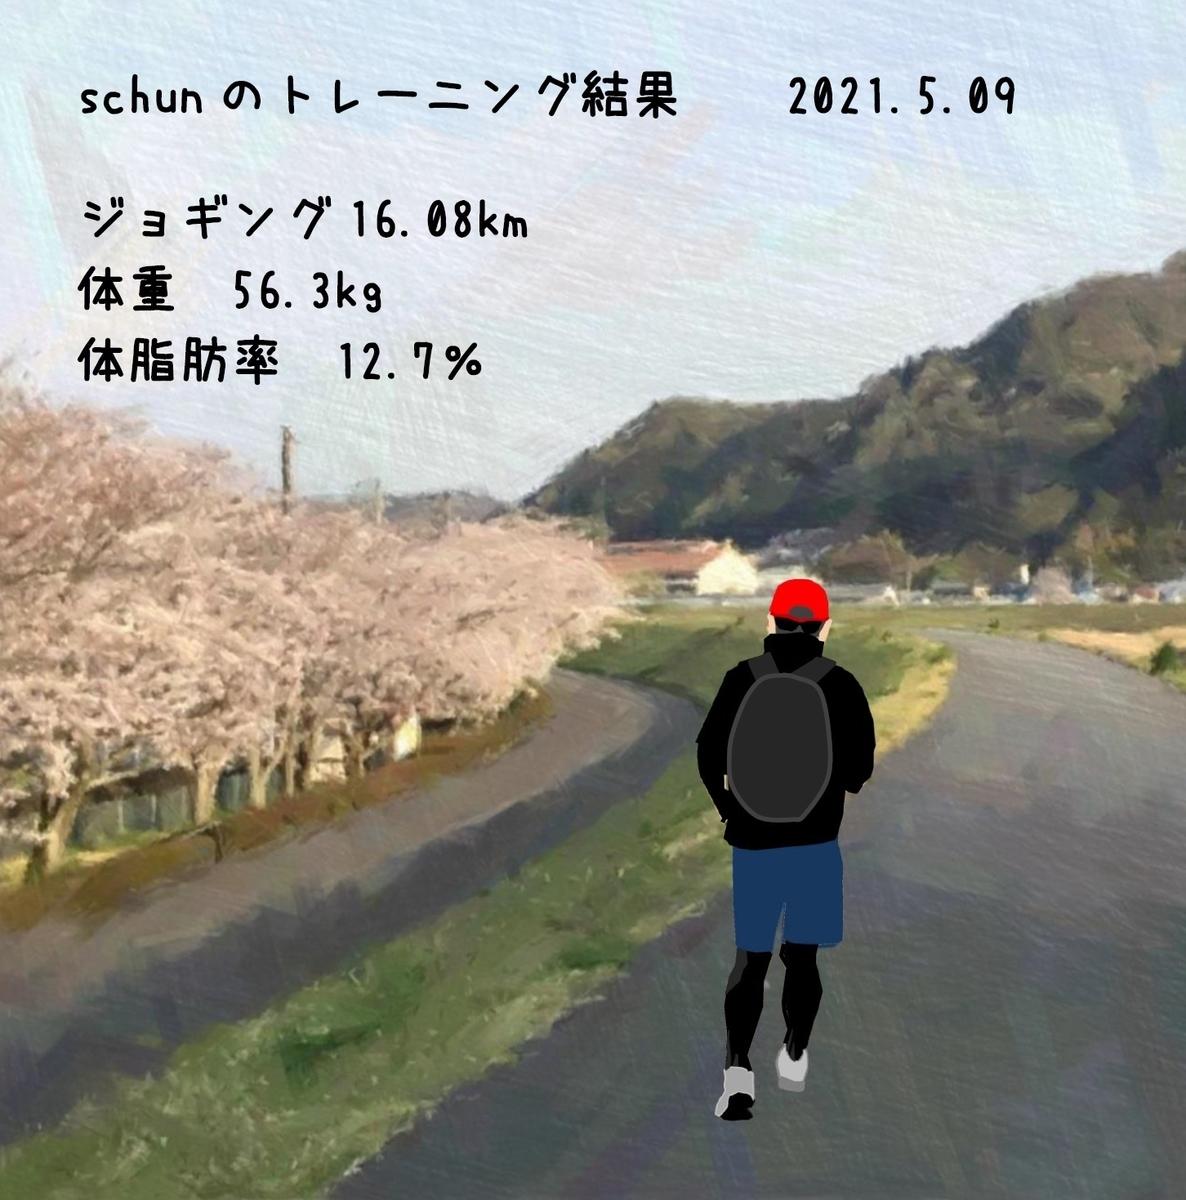 f:id:schunchi2007:20210509173010j:plain